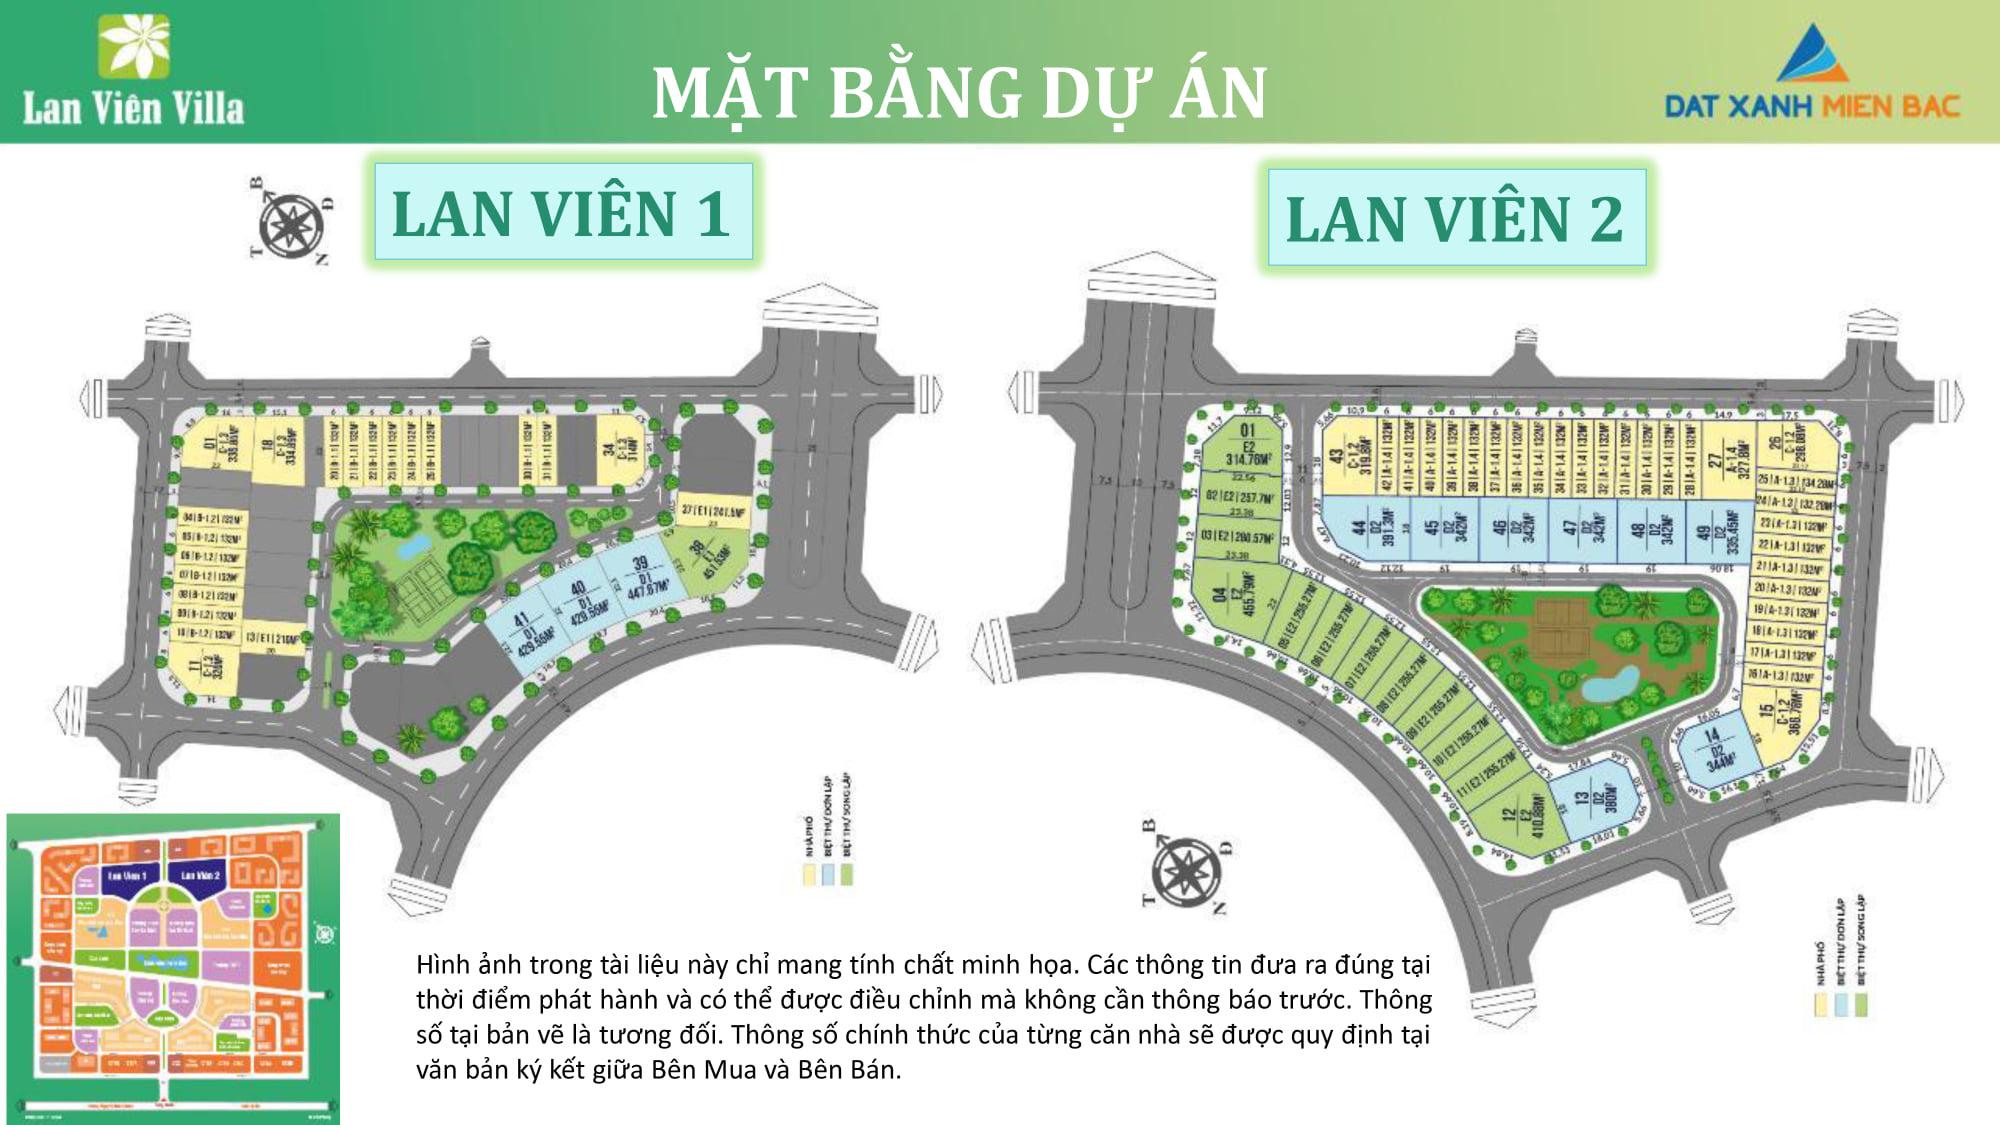 Mặt bằng phân lô Biệt thự Shophouse Lan Viên 1 - BT2 và Lan Viên 2 - BT3 KĐT Đặng Xá